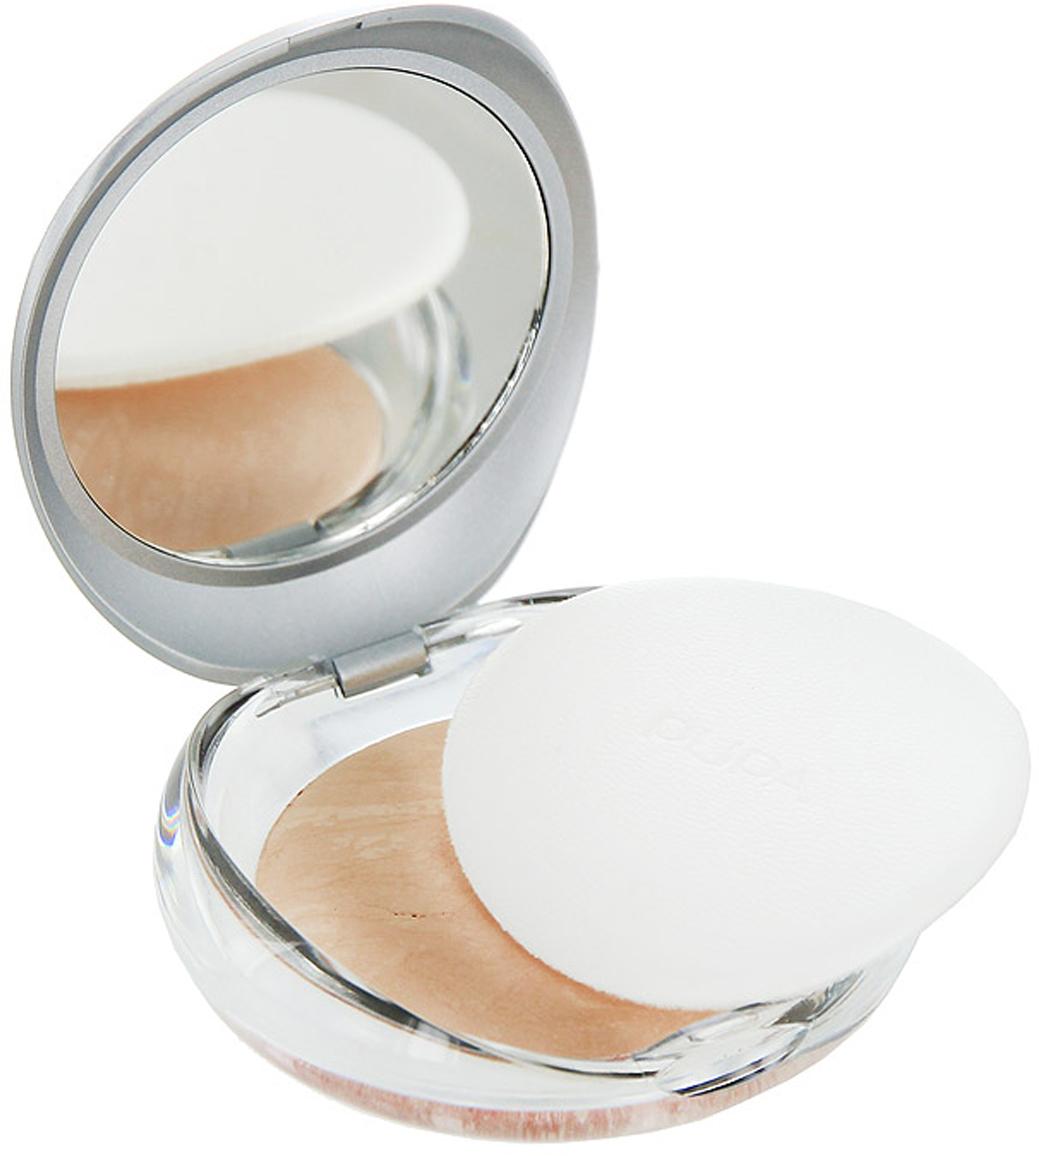 PUPA Пудра компактная запеченная Luminys Baked Face Powder, тон 06 бисквит , 9 гB2272500Пудра Pupa Luminys Baked Face Powder выравнивает тон кожи одним легким прикосновением, скрывает недостатки, придает естественный цвет лица. В результате кожа становится бархатистой, мягкой и гладкой. Неощутимая и легкая текстура, очень приятная на ощупь и в применении. Технология производства, которая занимается запеченными средствами гарантирует: оптимальную мягкость на ощупь, максимальную яркость цвета и максимальную стойкость макияжа. Характеристики:Вес: 9 г. Тон: №06.Производитель: Италия.Артикул:0052406.Товар сертифицирован.